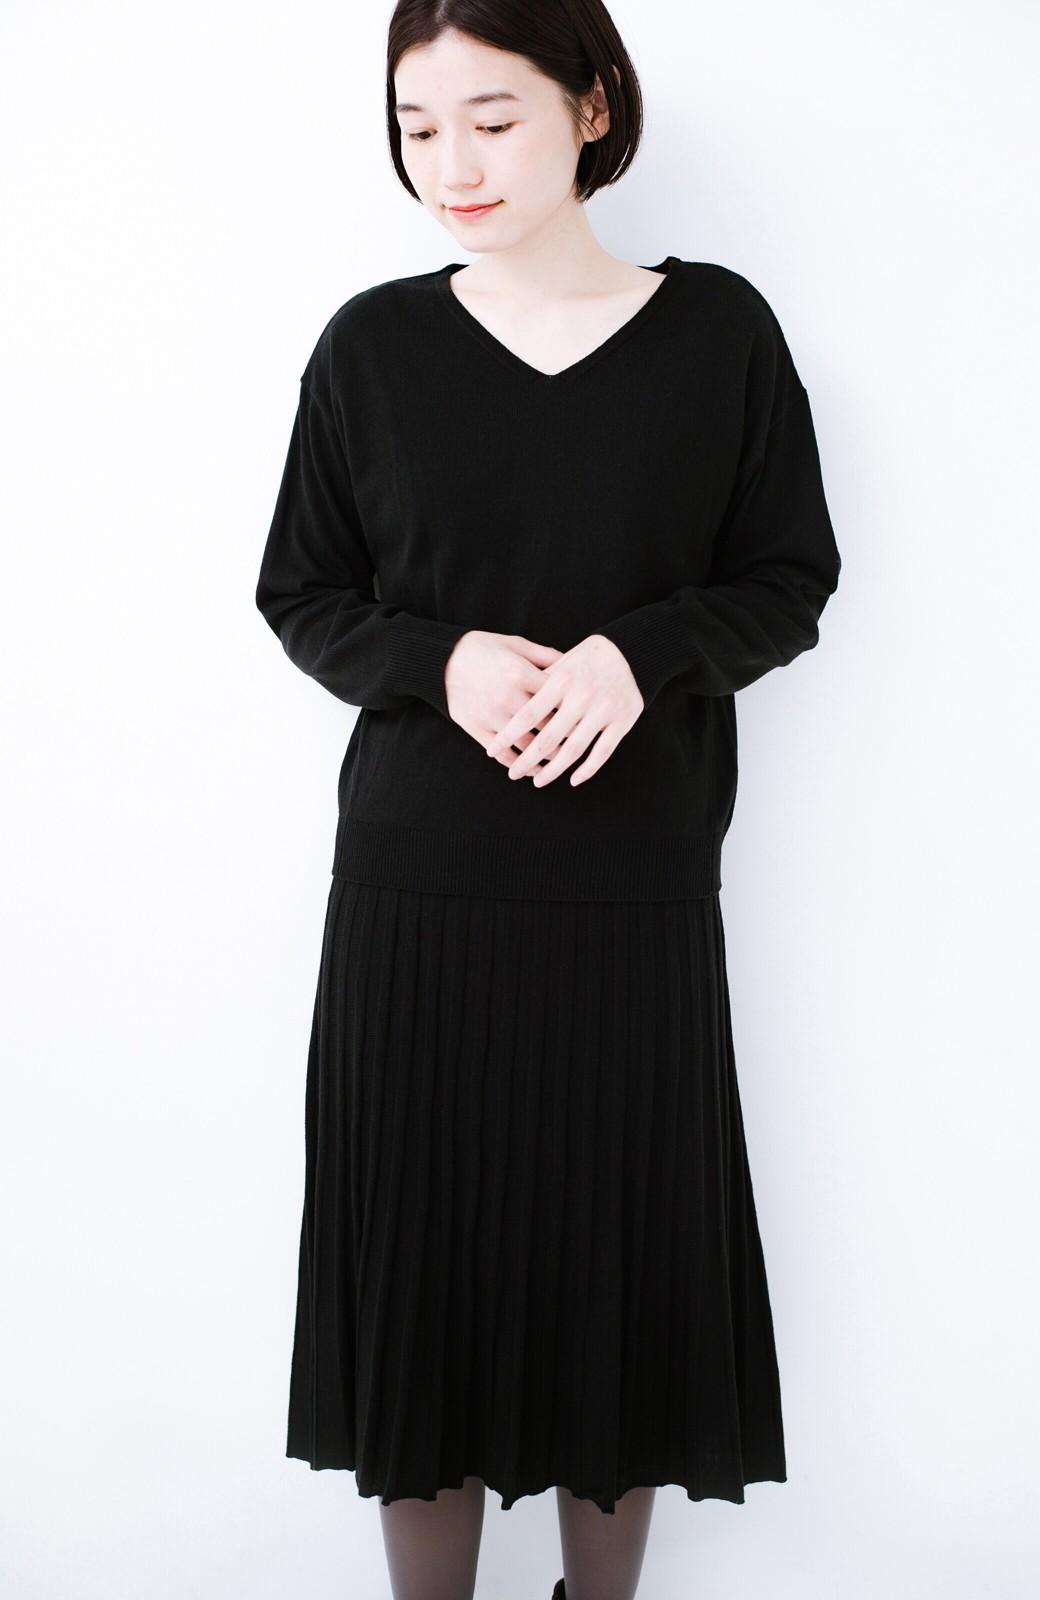 haco! 寝坊した朝でも安心!パッと着るだけでコーデが完成する女っぽニットアップ <ブラック>の商品写真21